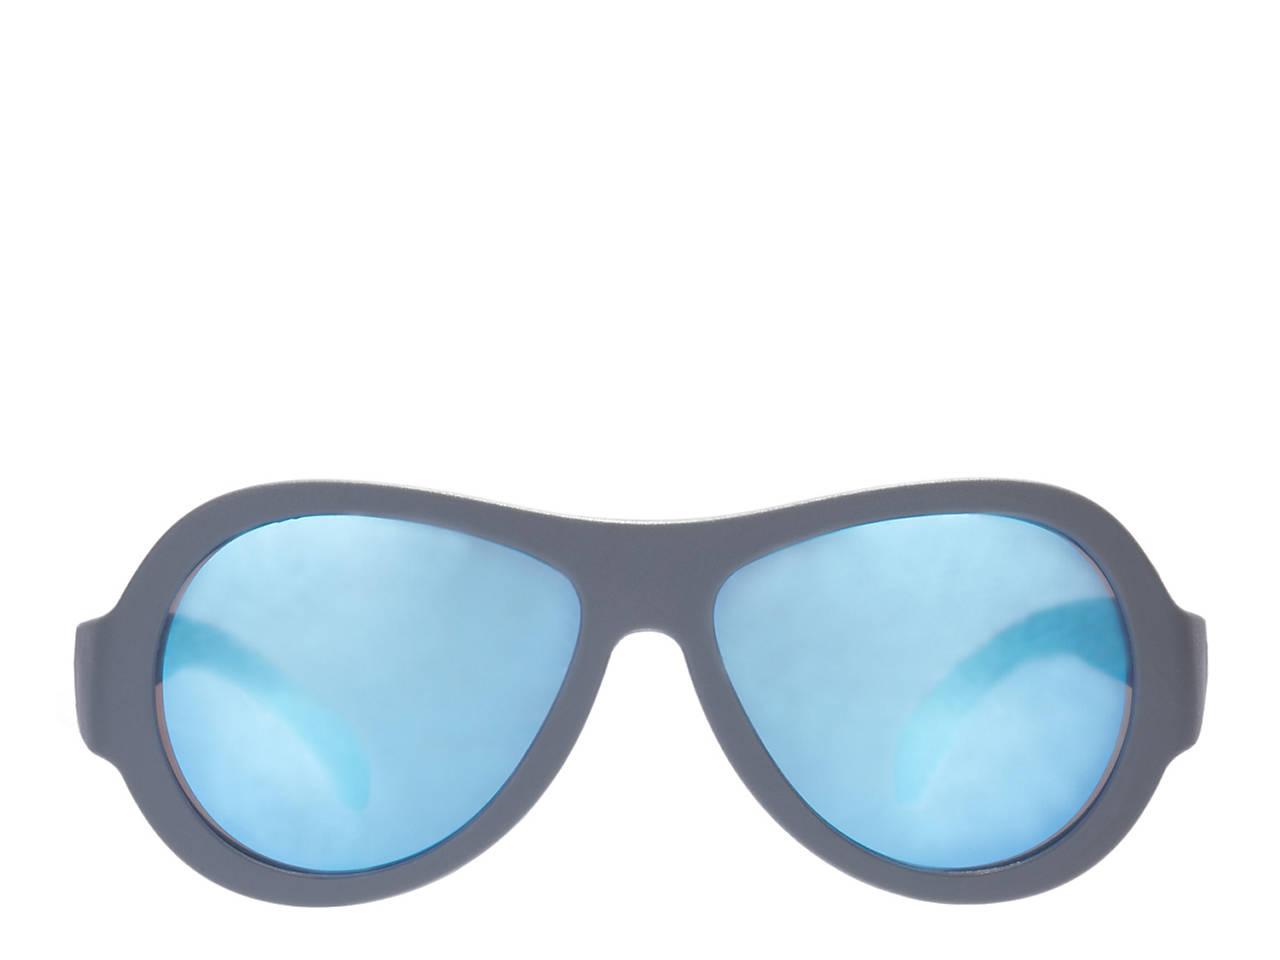 6678923ee9d7 Babiators Original Aviator Infant Sunglasses - 0-2 Years Women s ...